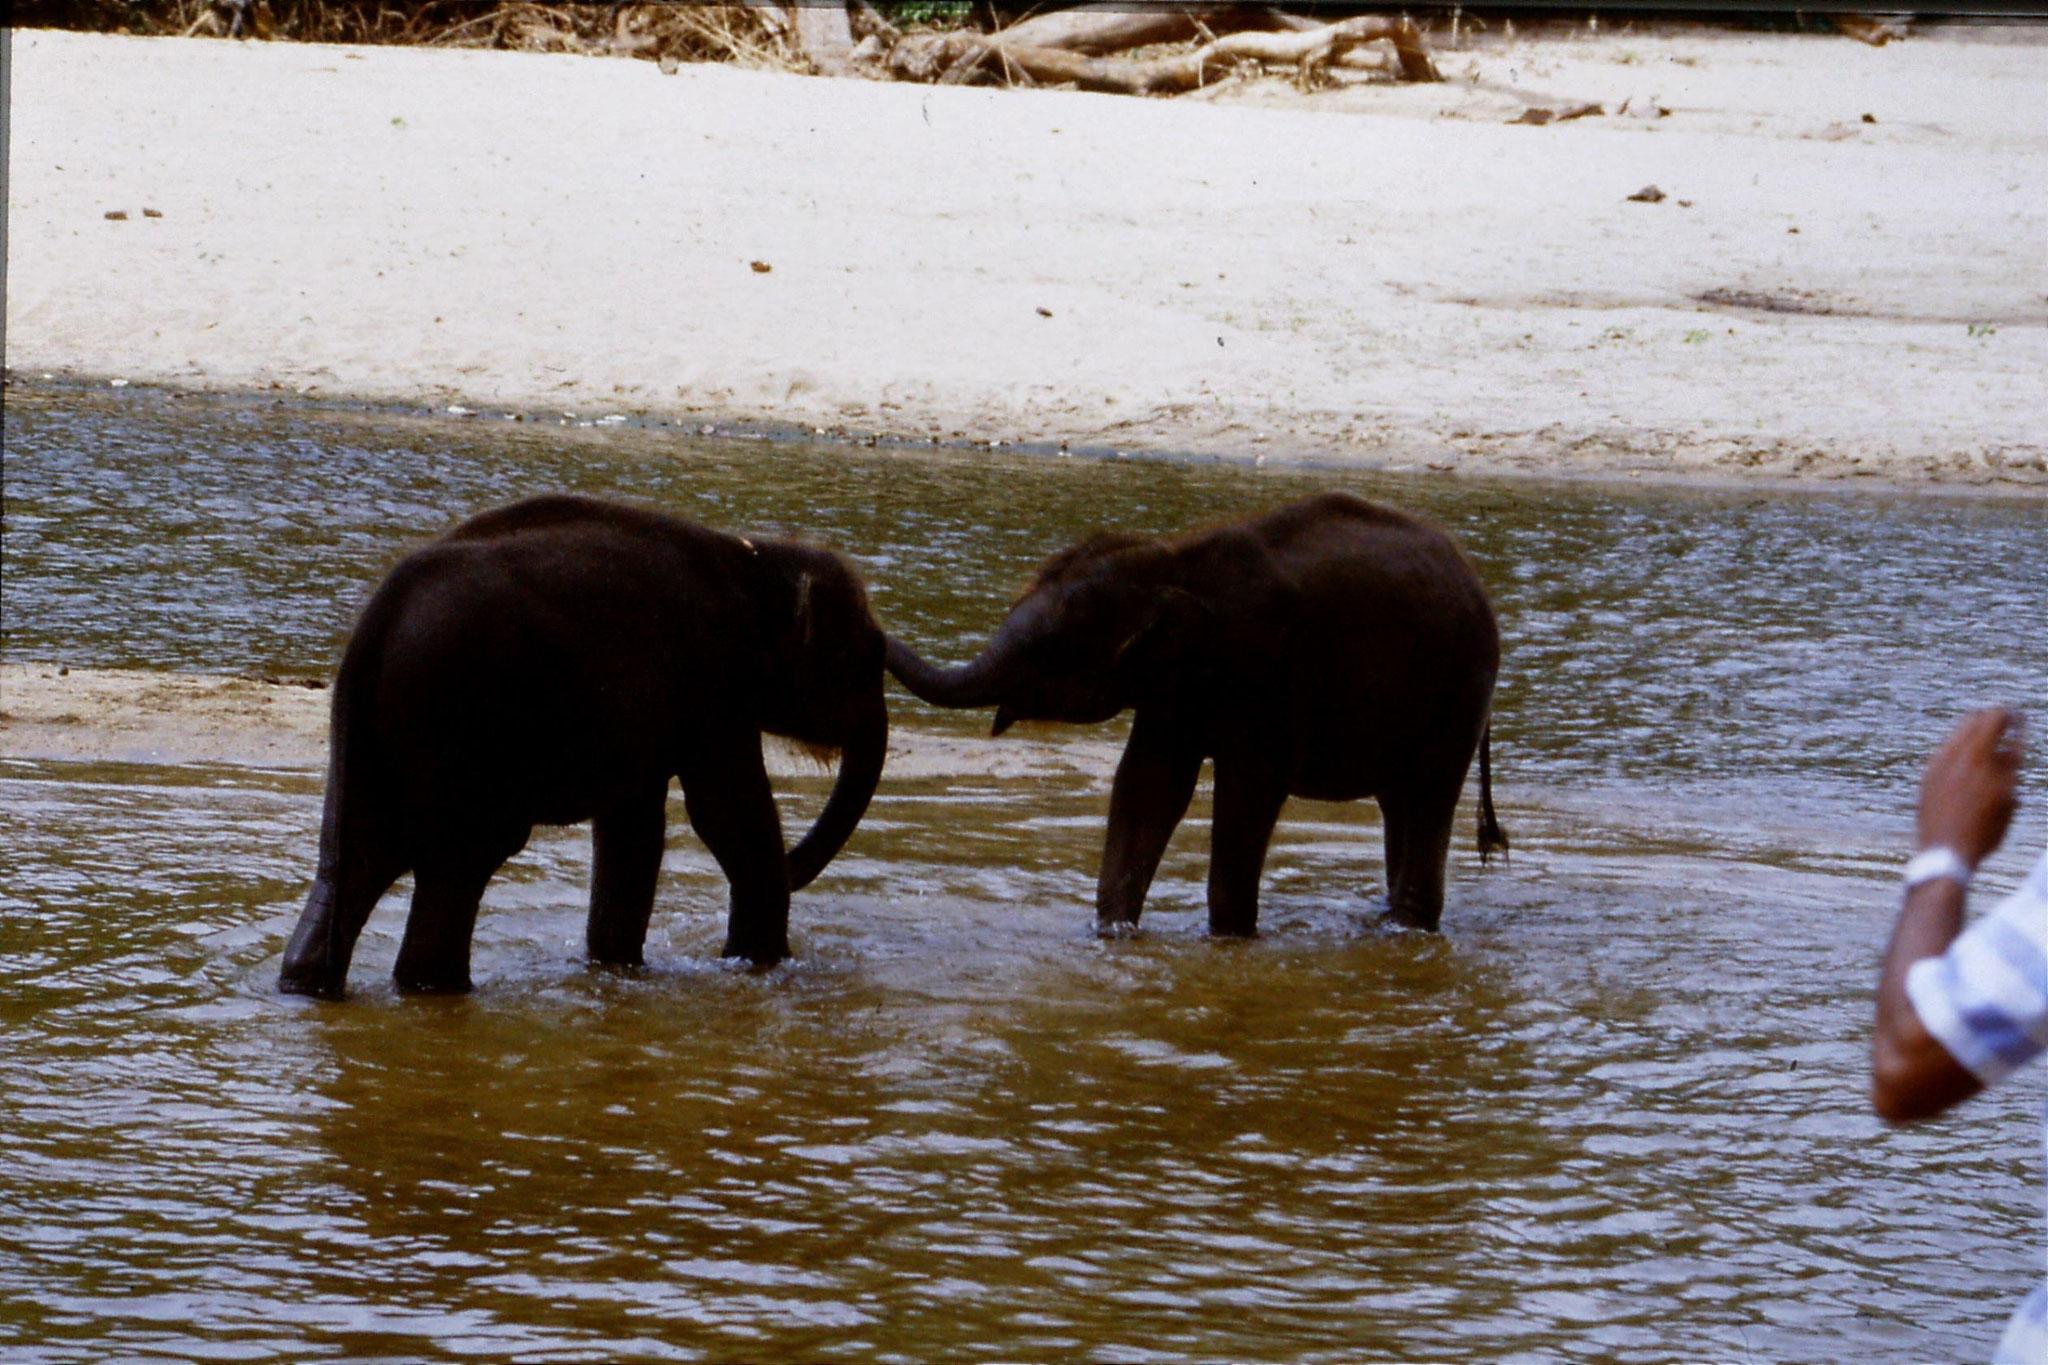 103/14: 10/2/1990 Kegalla elephany orphanage